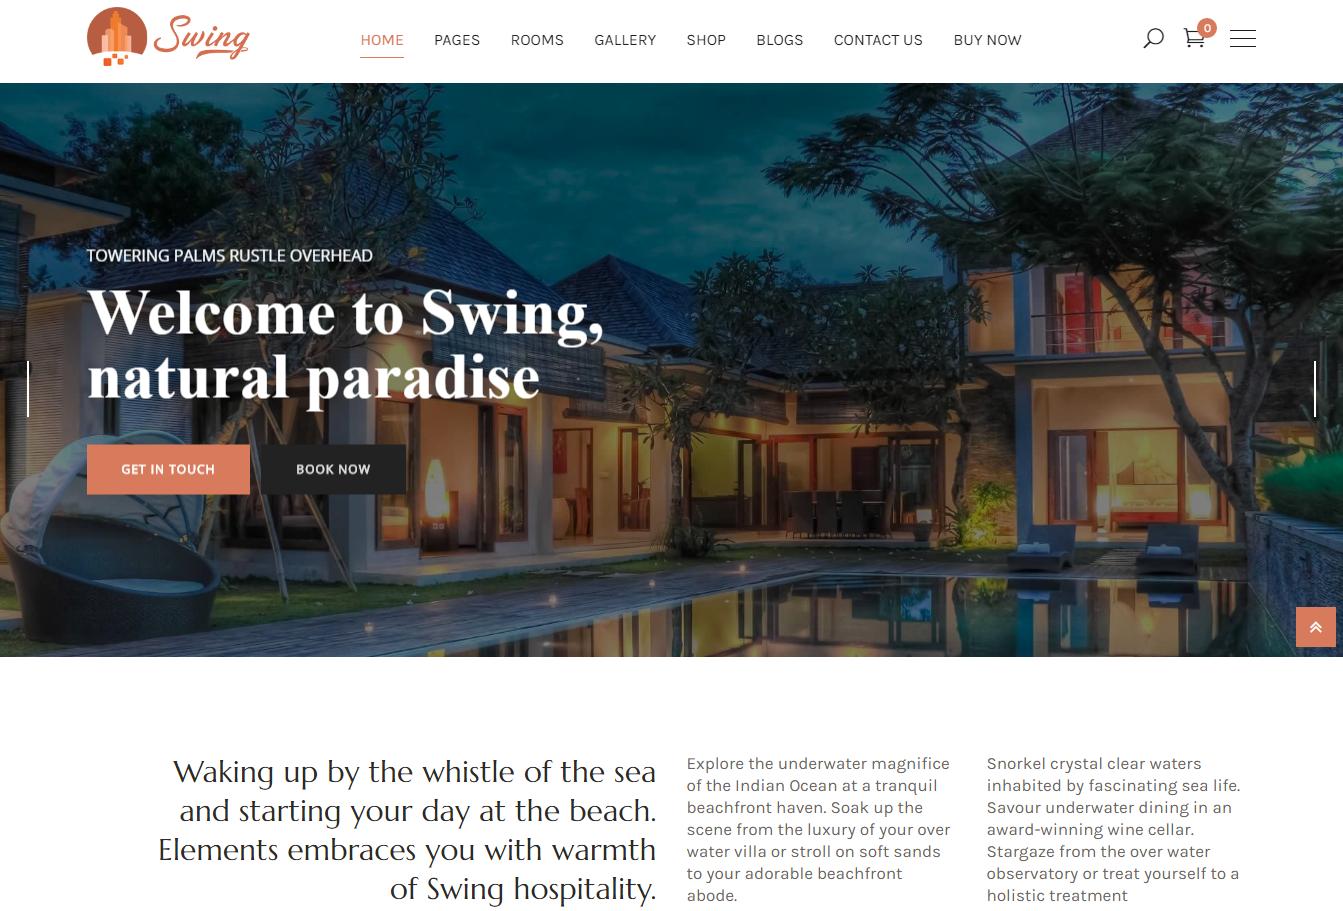 Swing Resort and Hotel WordPress Theme - 10+ Best Hotel / Resort Premium WordPress Themes and Templates